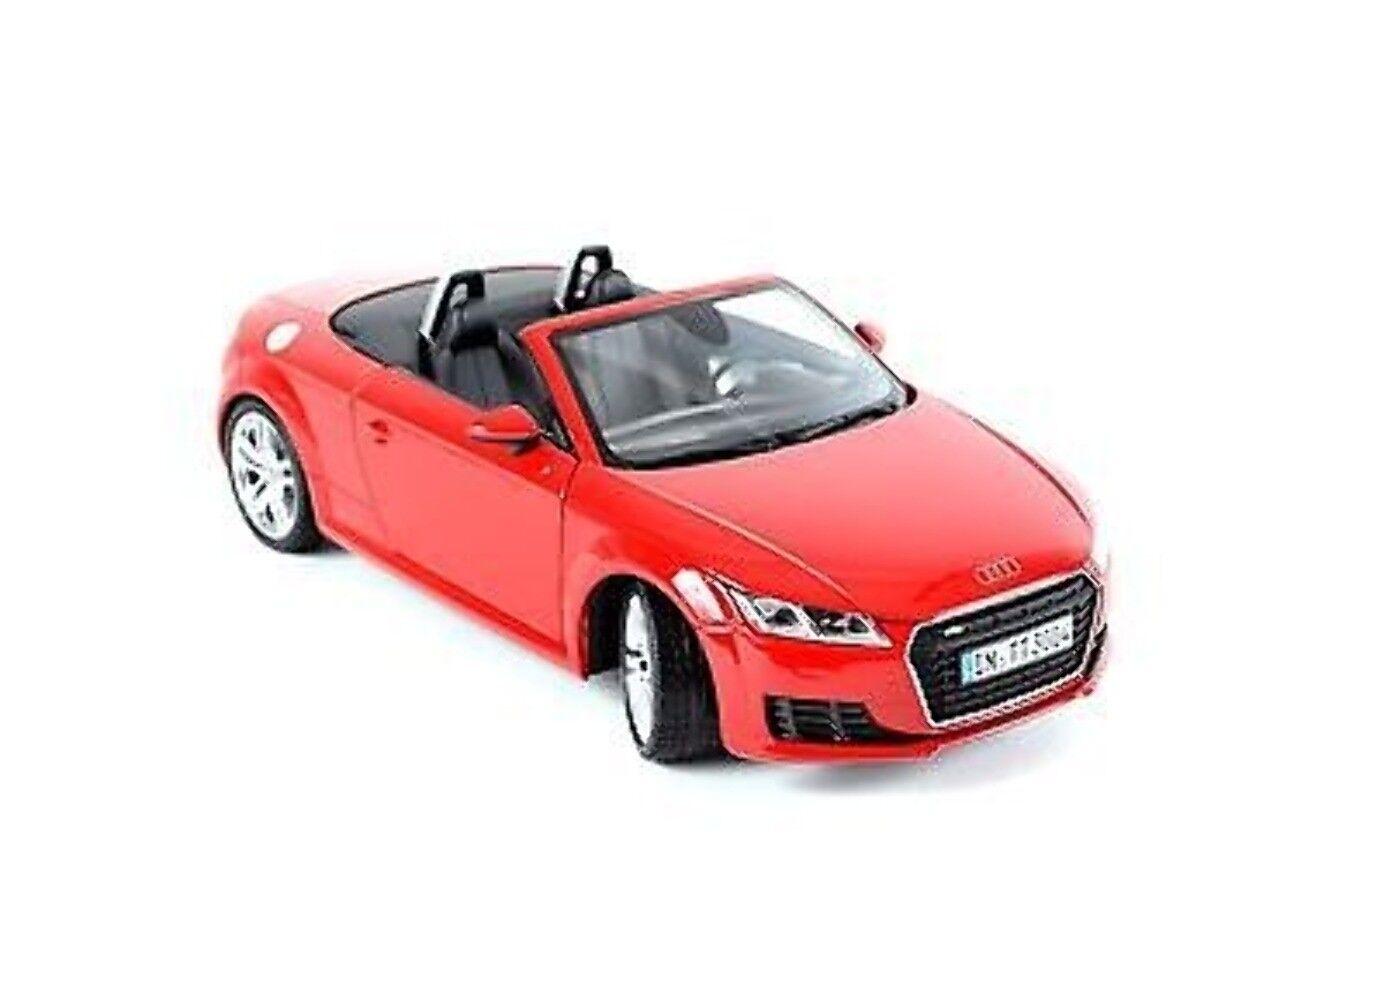 Original audi tt roadster tango rote miniatur - 1,18 5011400525